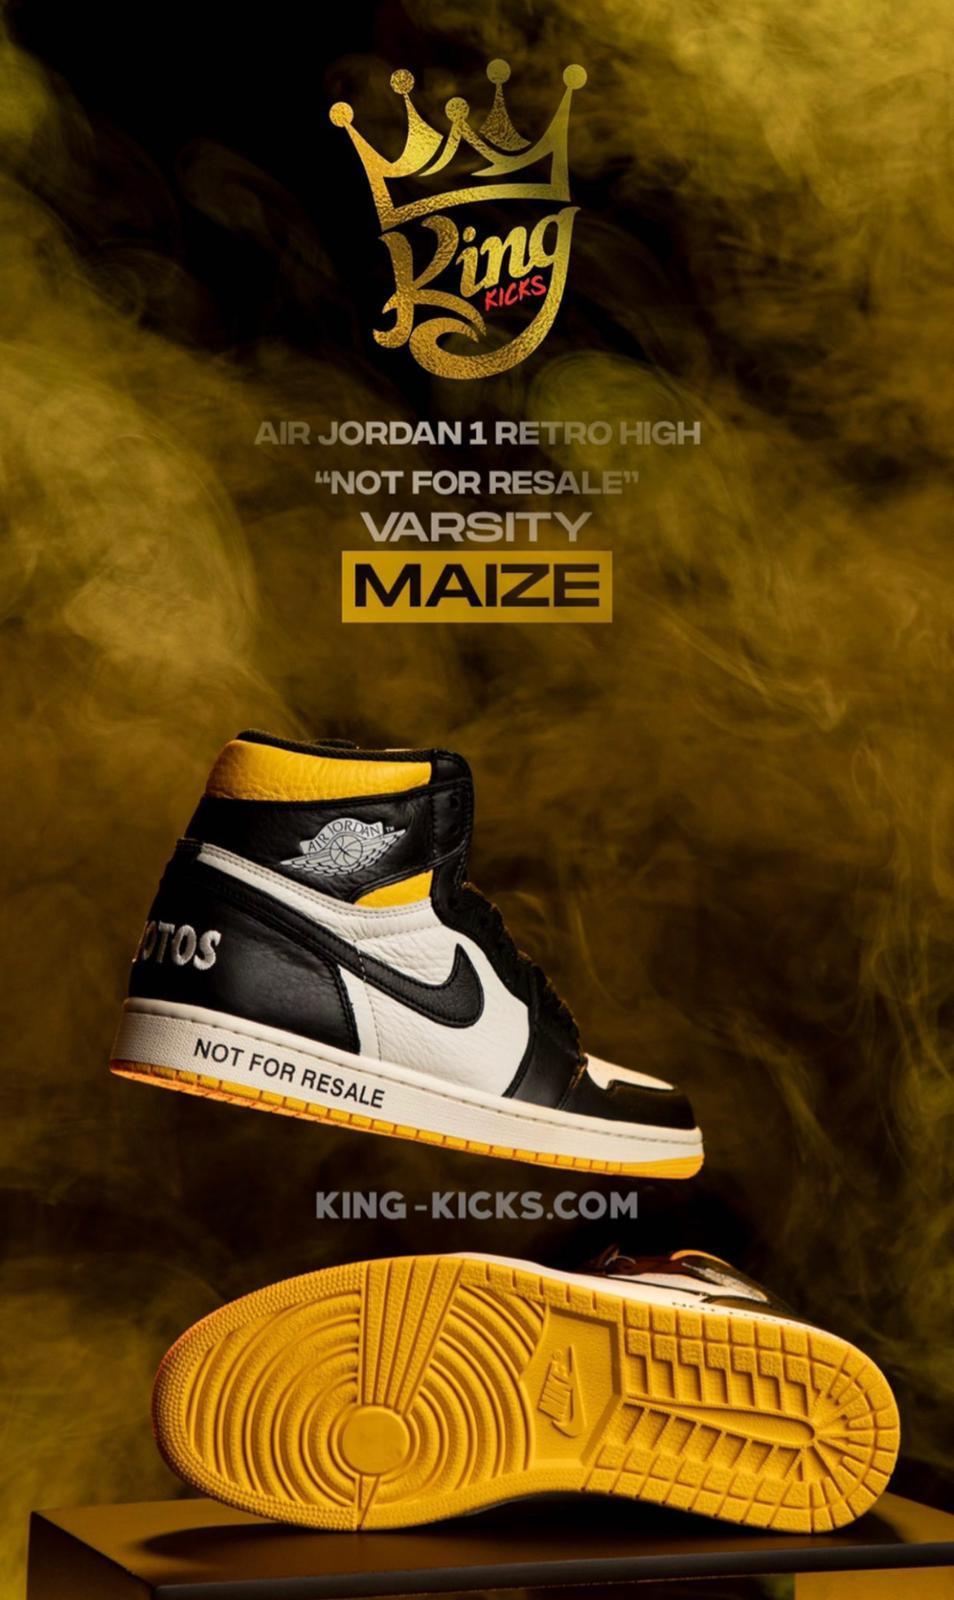 King Kicks